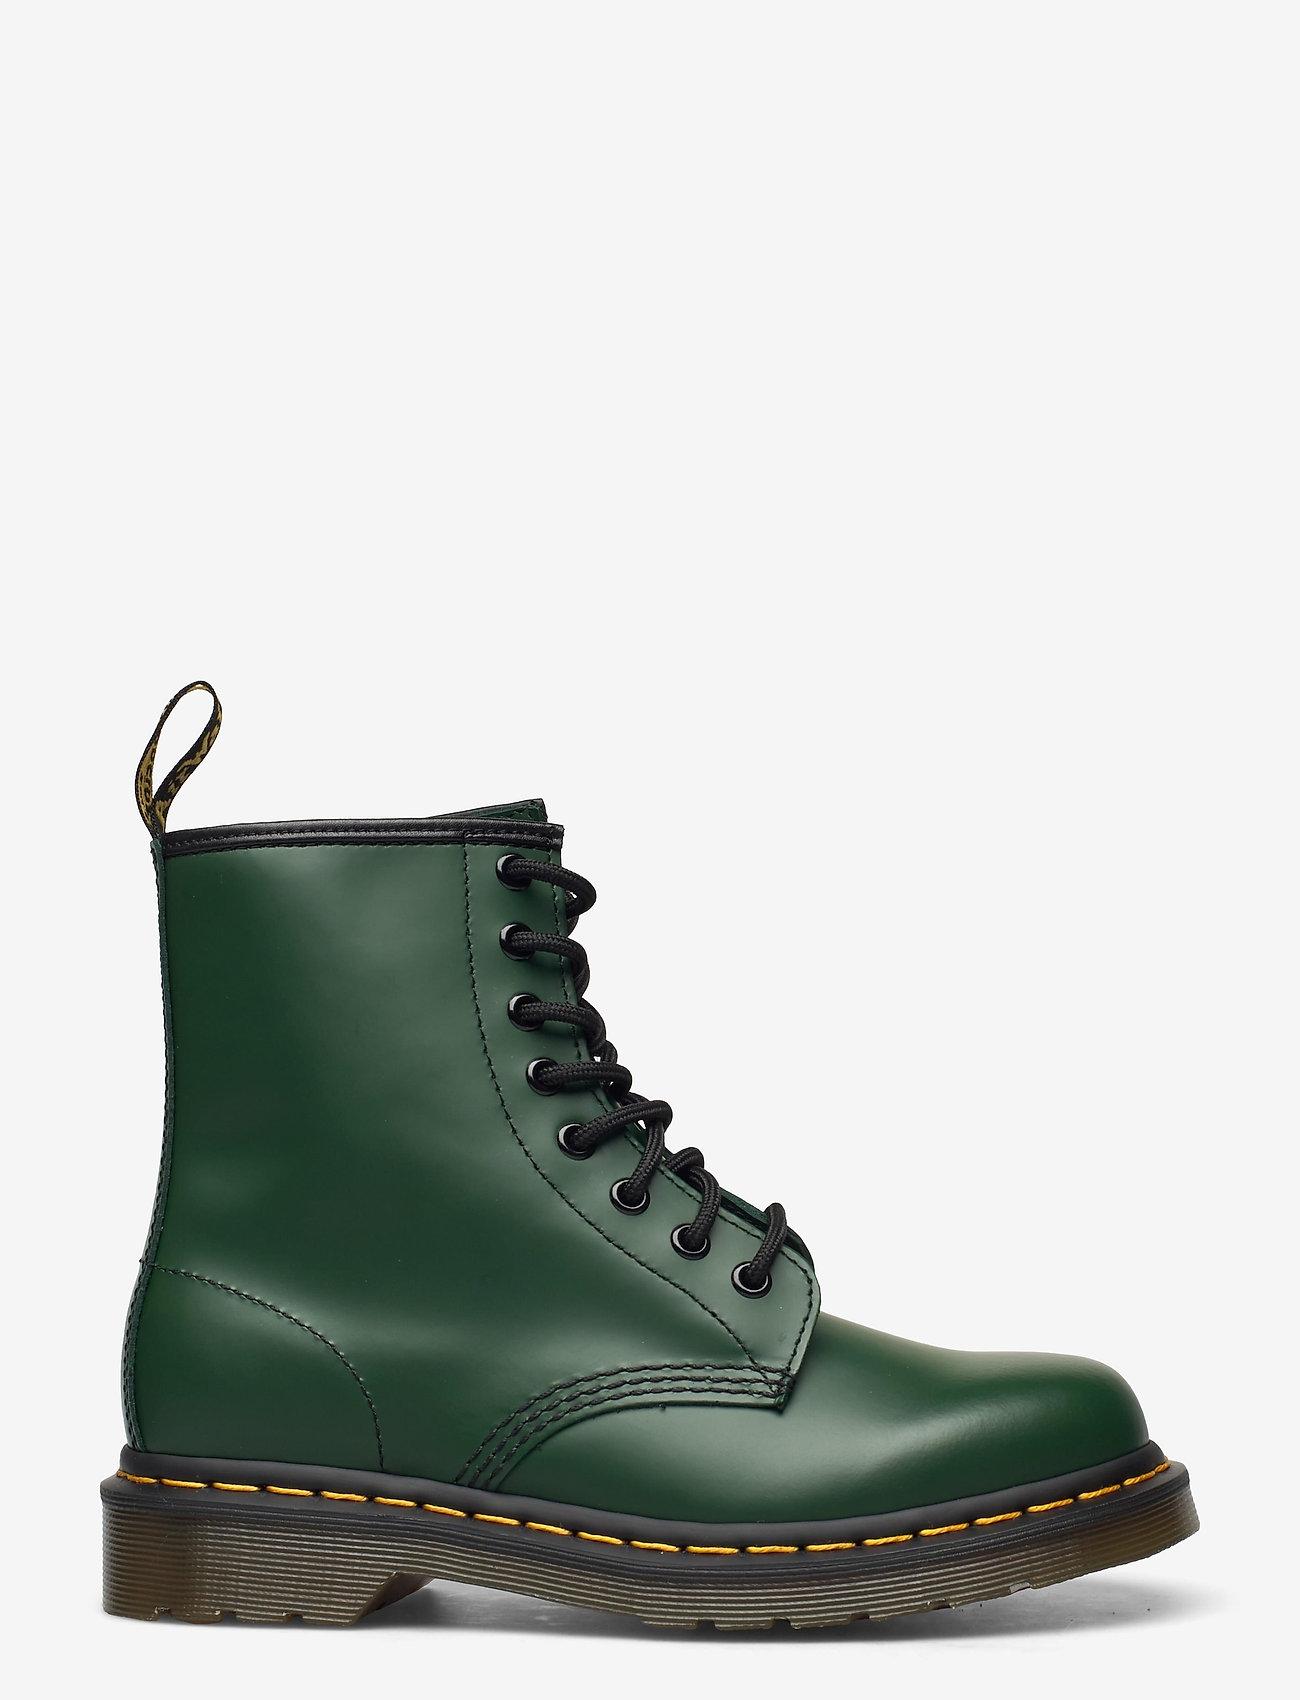 Dr. Martens - 1460 - flade ankelstøvler - green - 1